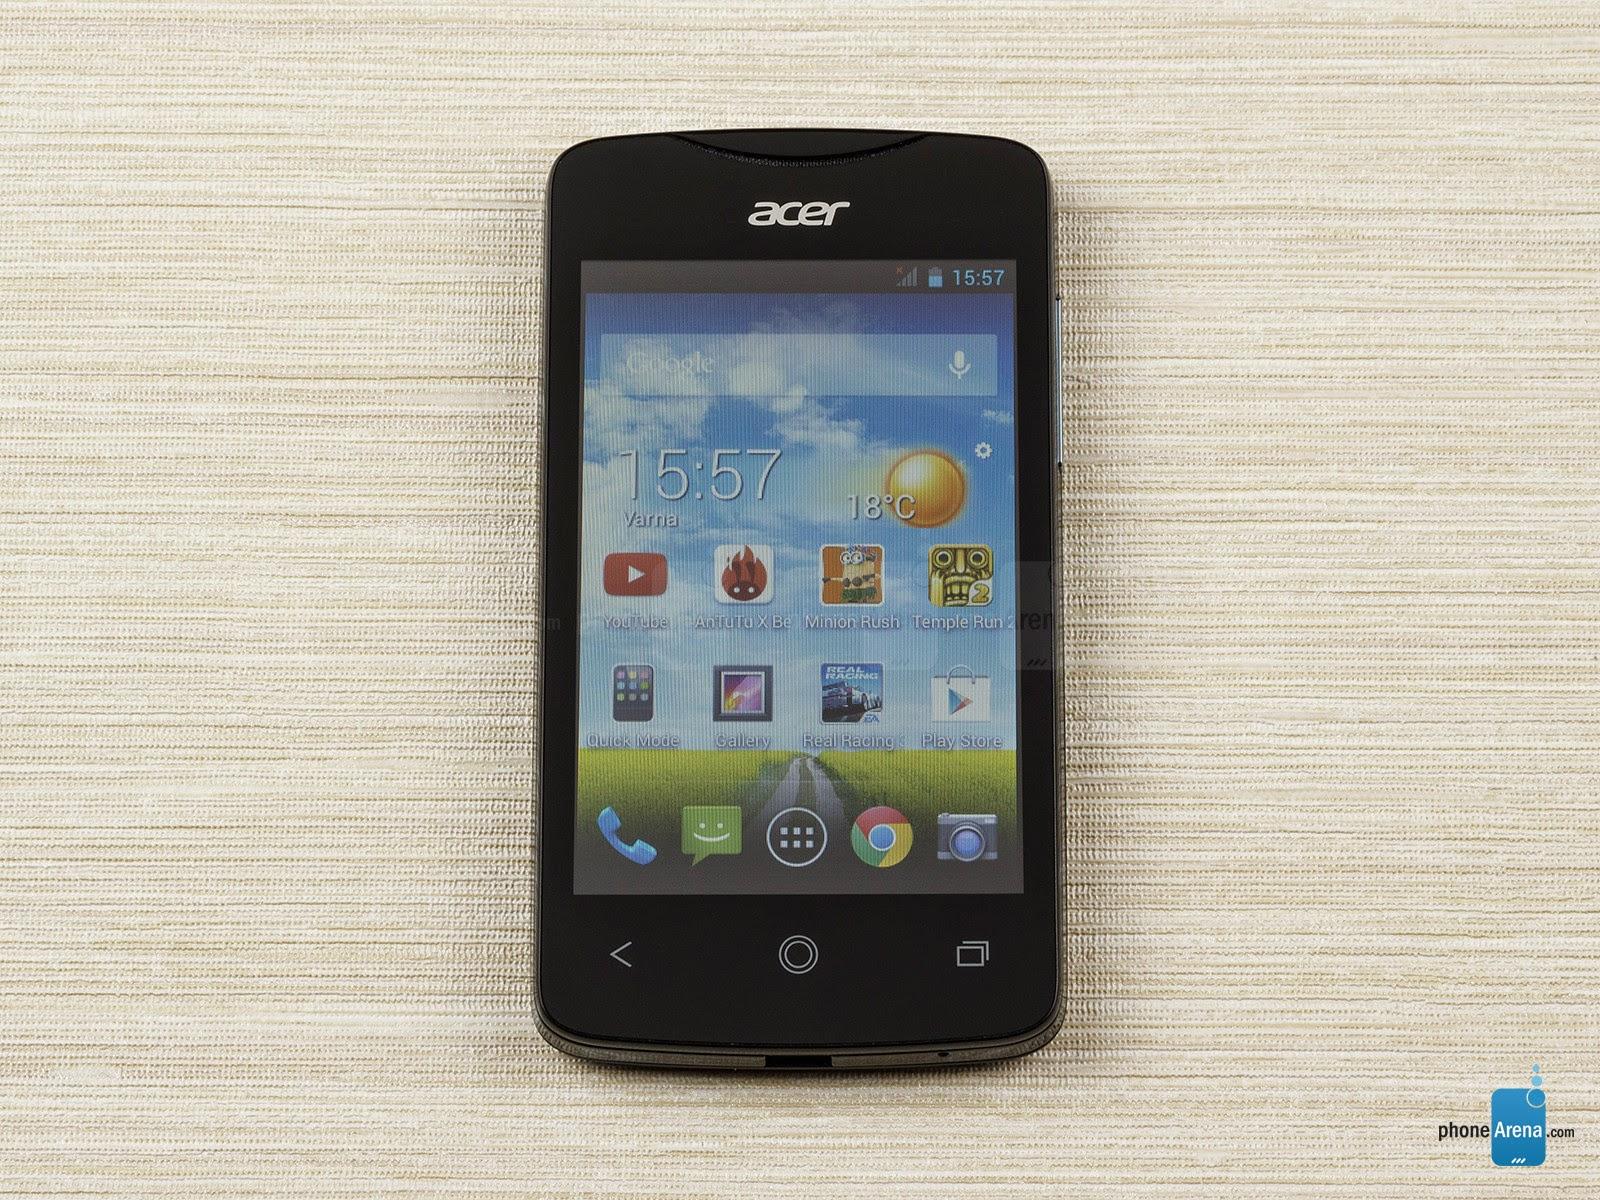 Harga Acer Z 130 Liquid Z3